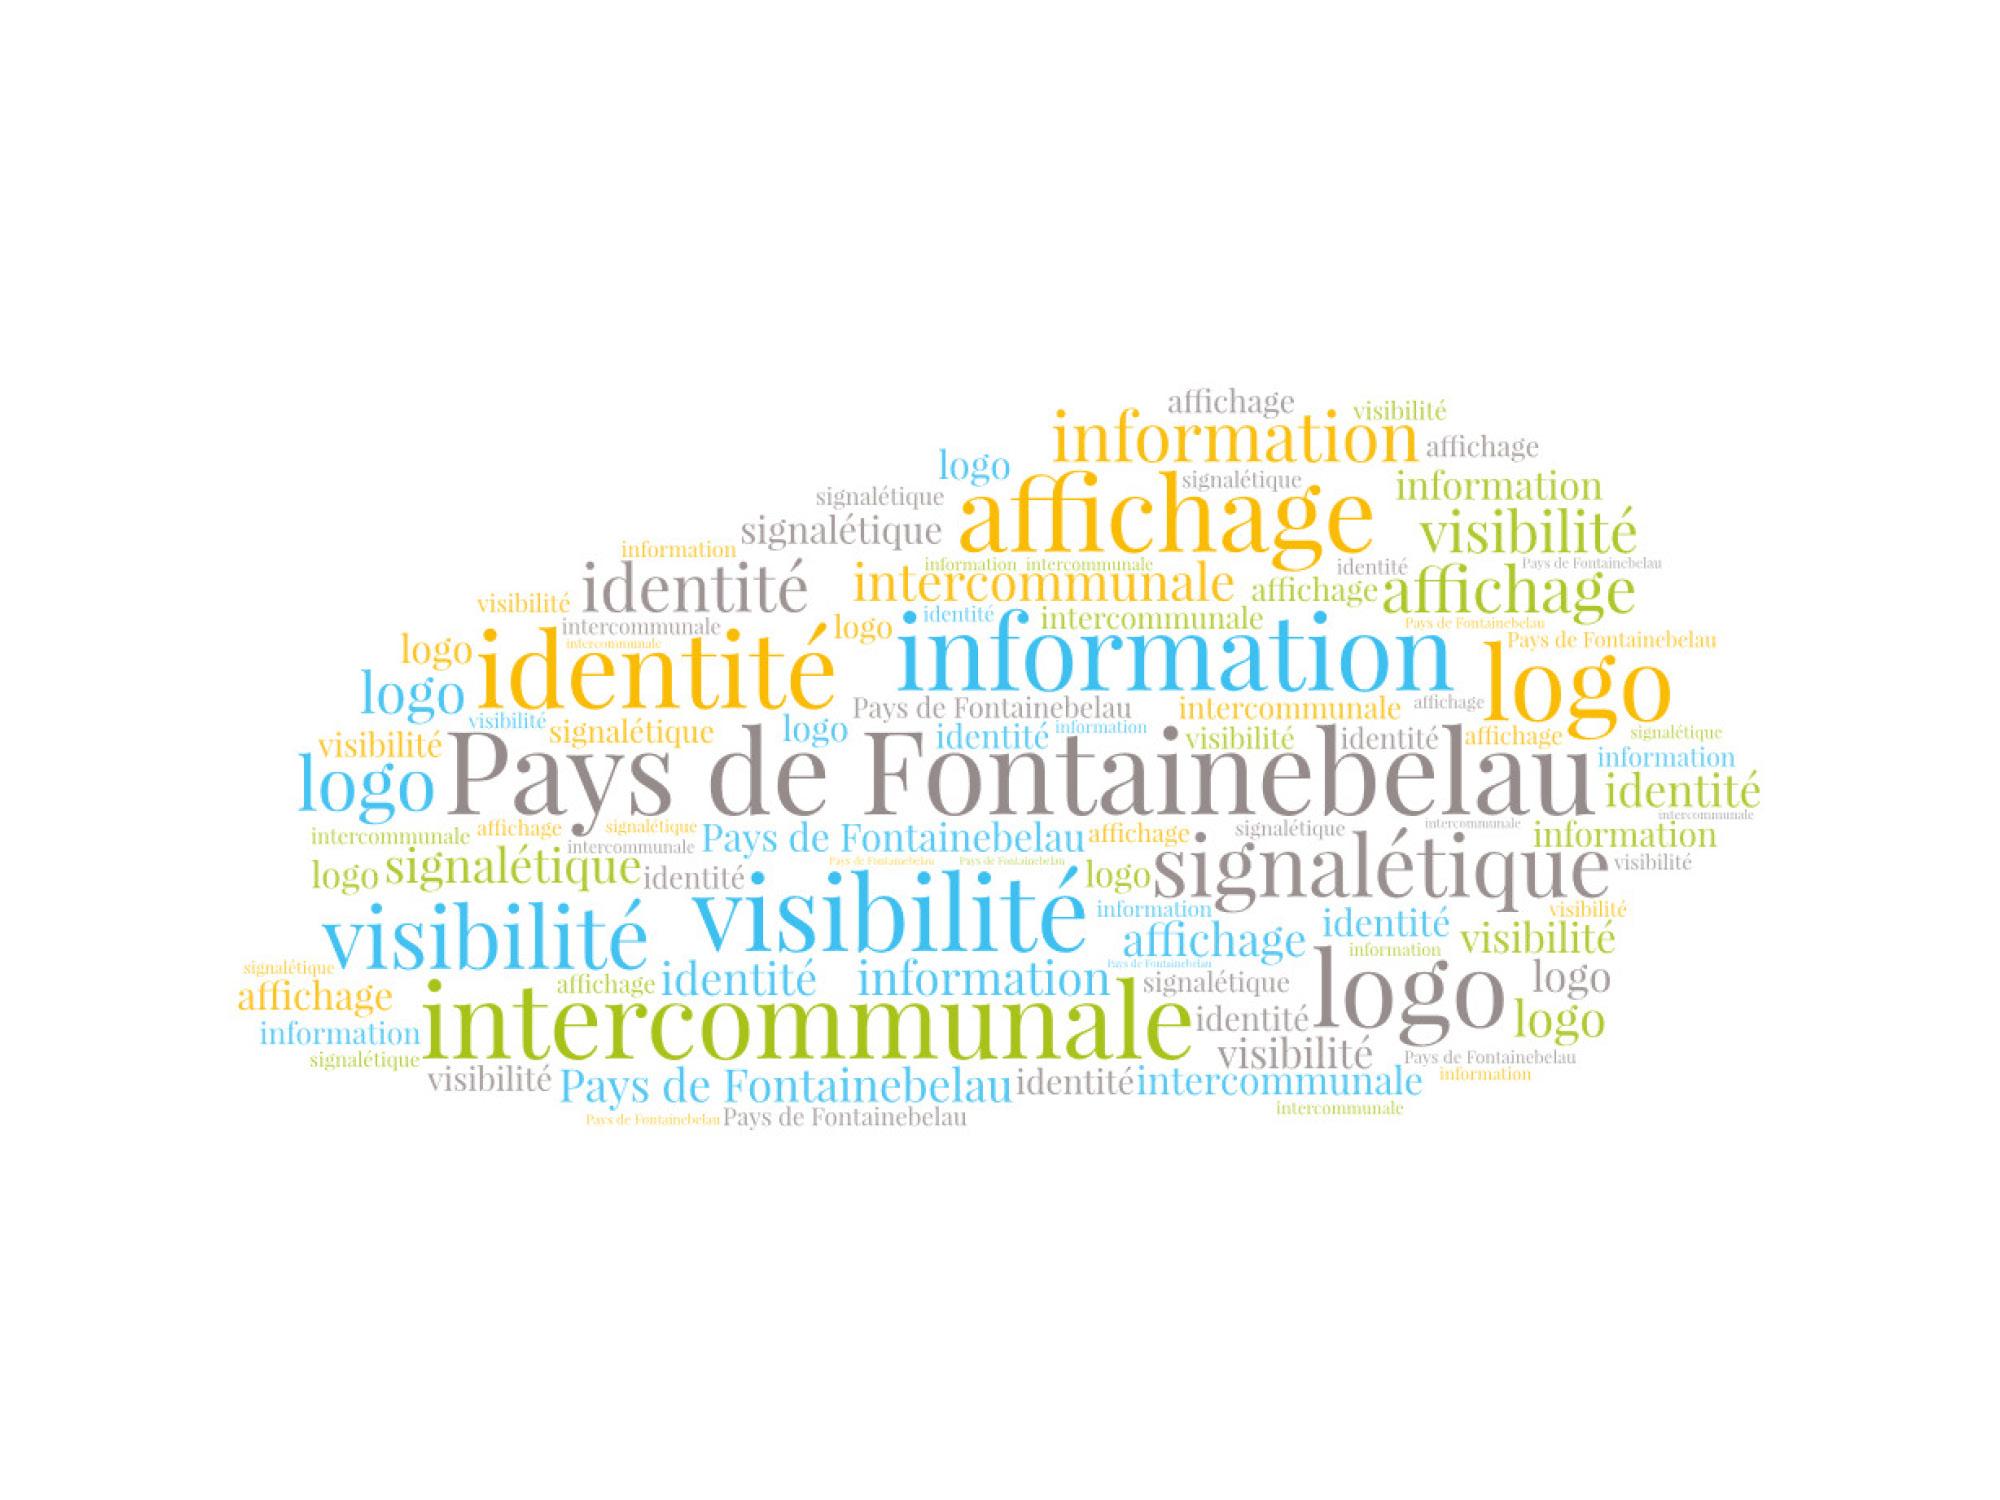 action 9 projet de territoire accroitre la visibilité du Pays de Fontainebleauaction 9 projet de territoire accroitre la visibilité du Pays de Fontainebleau